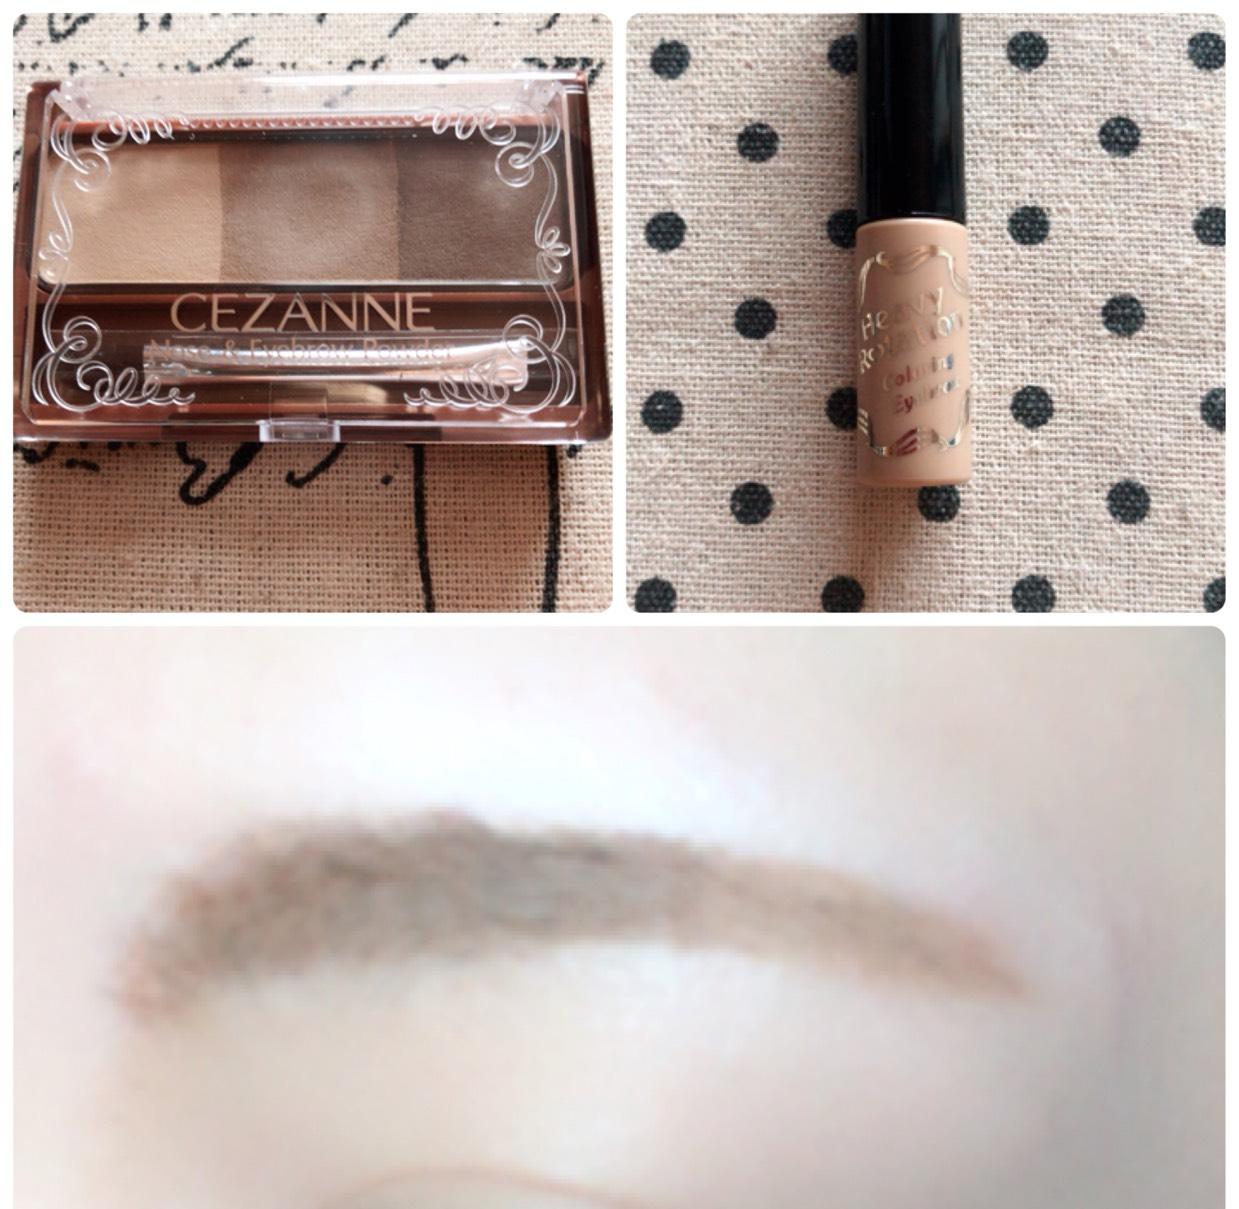 足りないところをパウダーで太眉、下げ気味に書き足し、眉マスカラを塗ります。